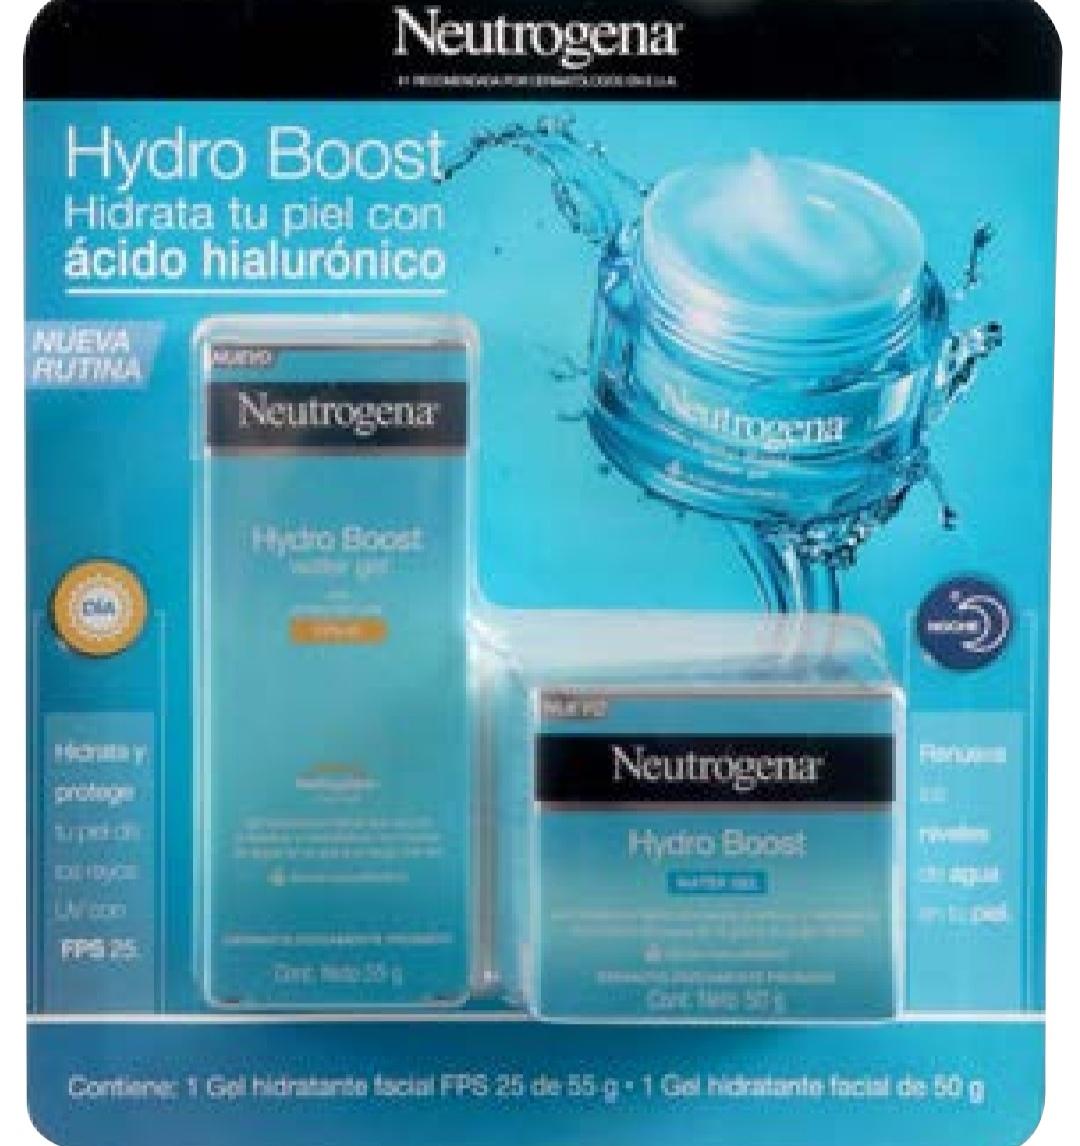 Sam's Club: Gel Neutrogena Hydro Boost + Gel Hydro Boost de 25 FPS